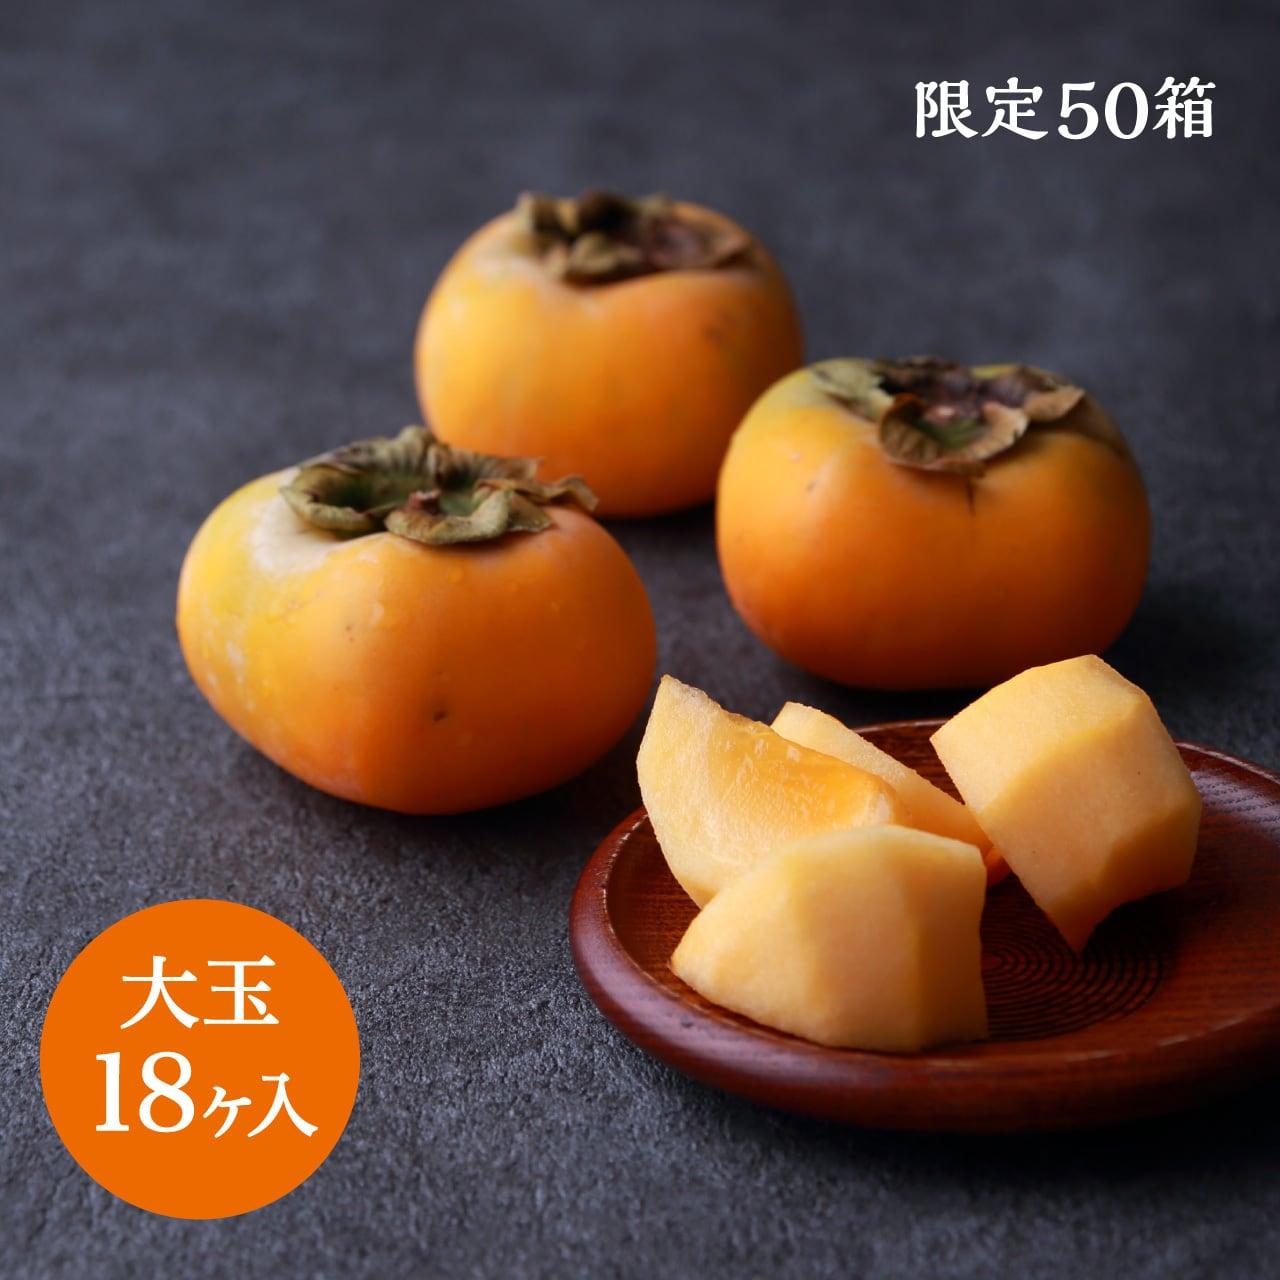 本場松ヶ岡産 庄内柿(大玉 18ヶ入)